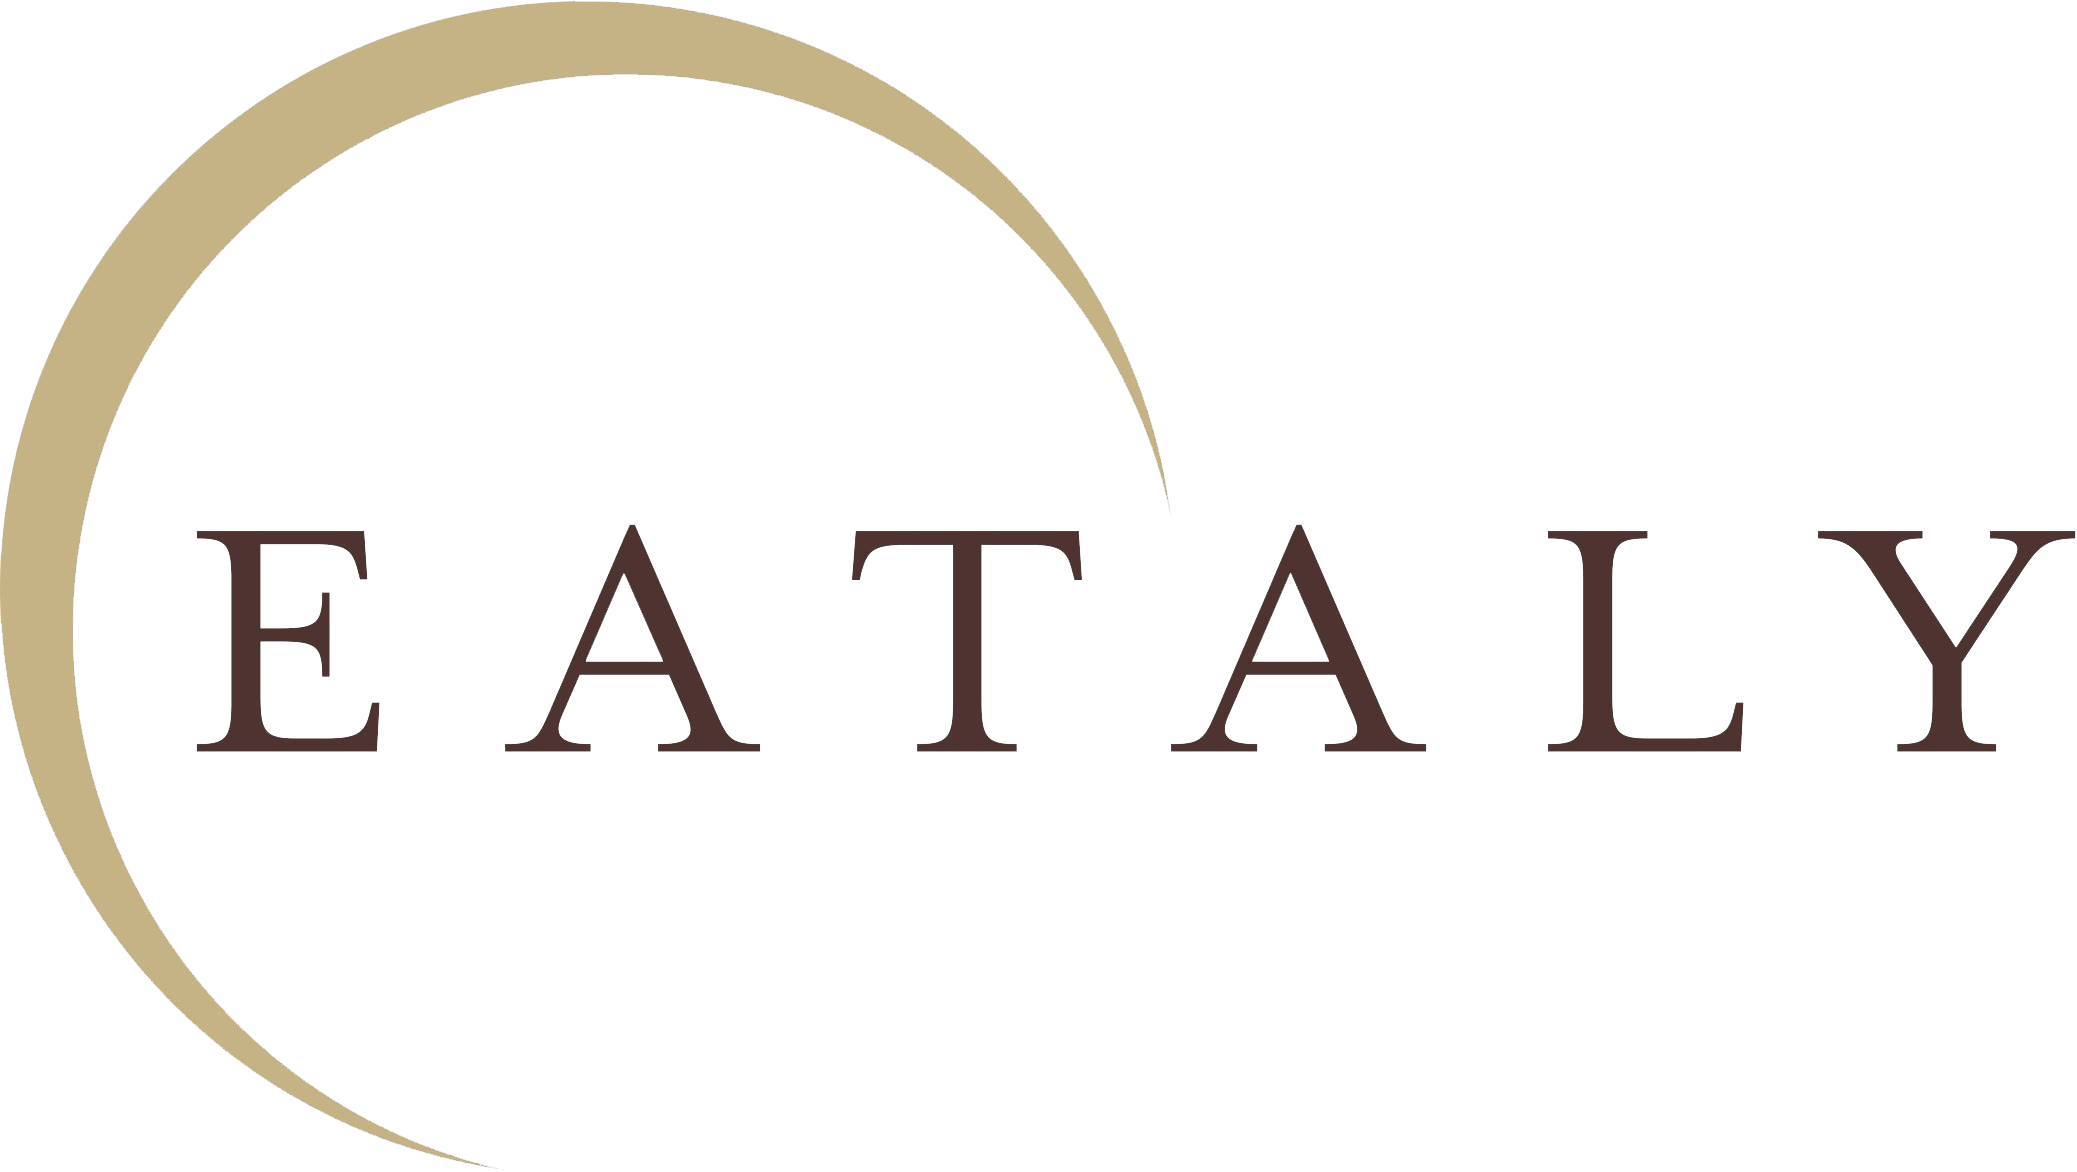 Eataly – épicerie italienne et marché italien